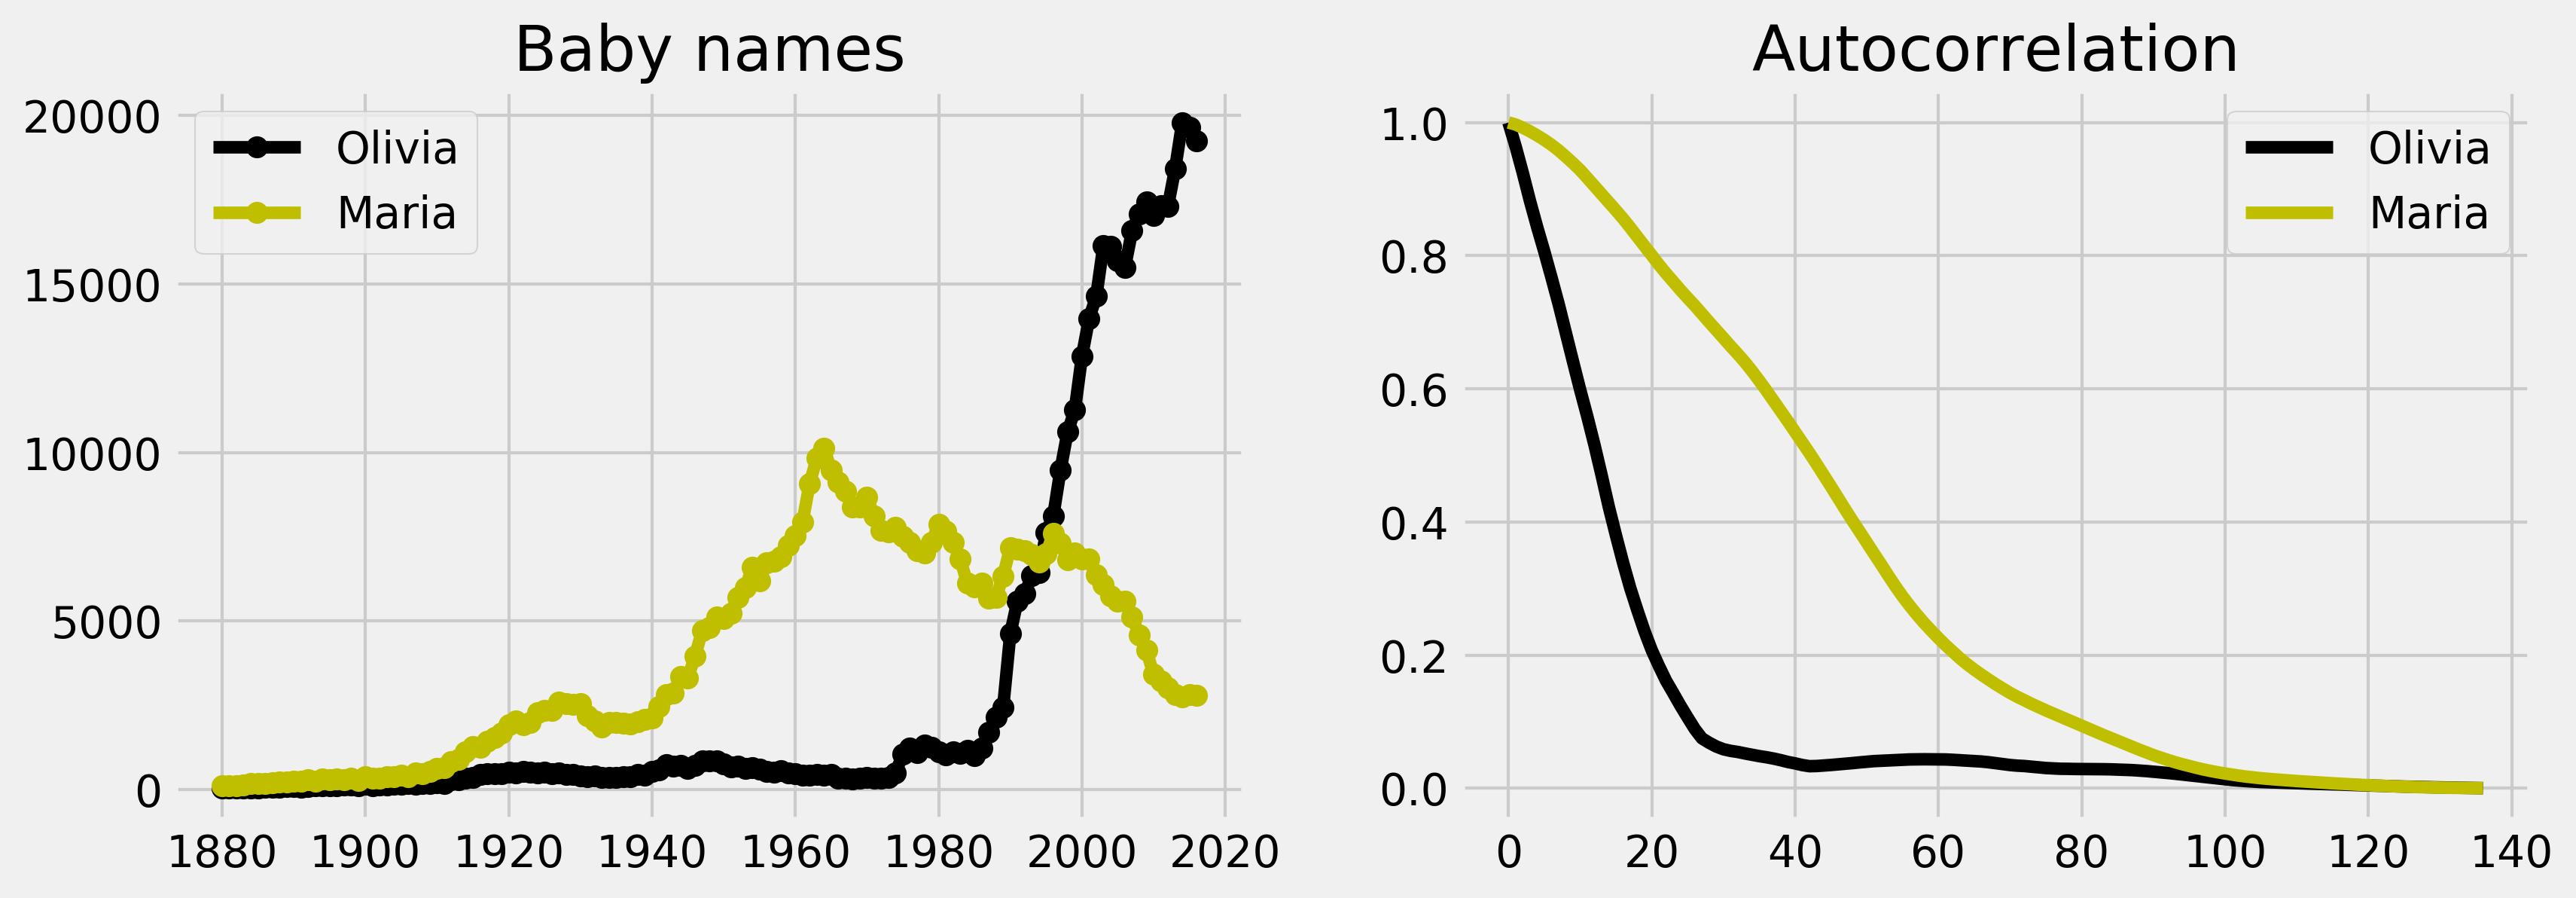 <matplotlib.figure.Figure at 0xcae9048>